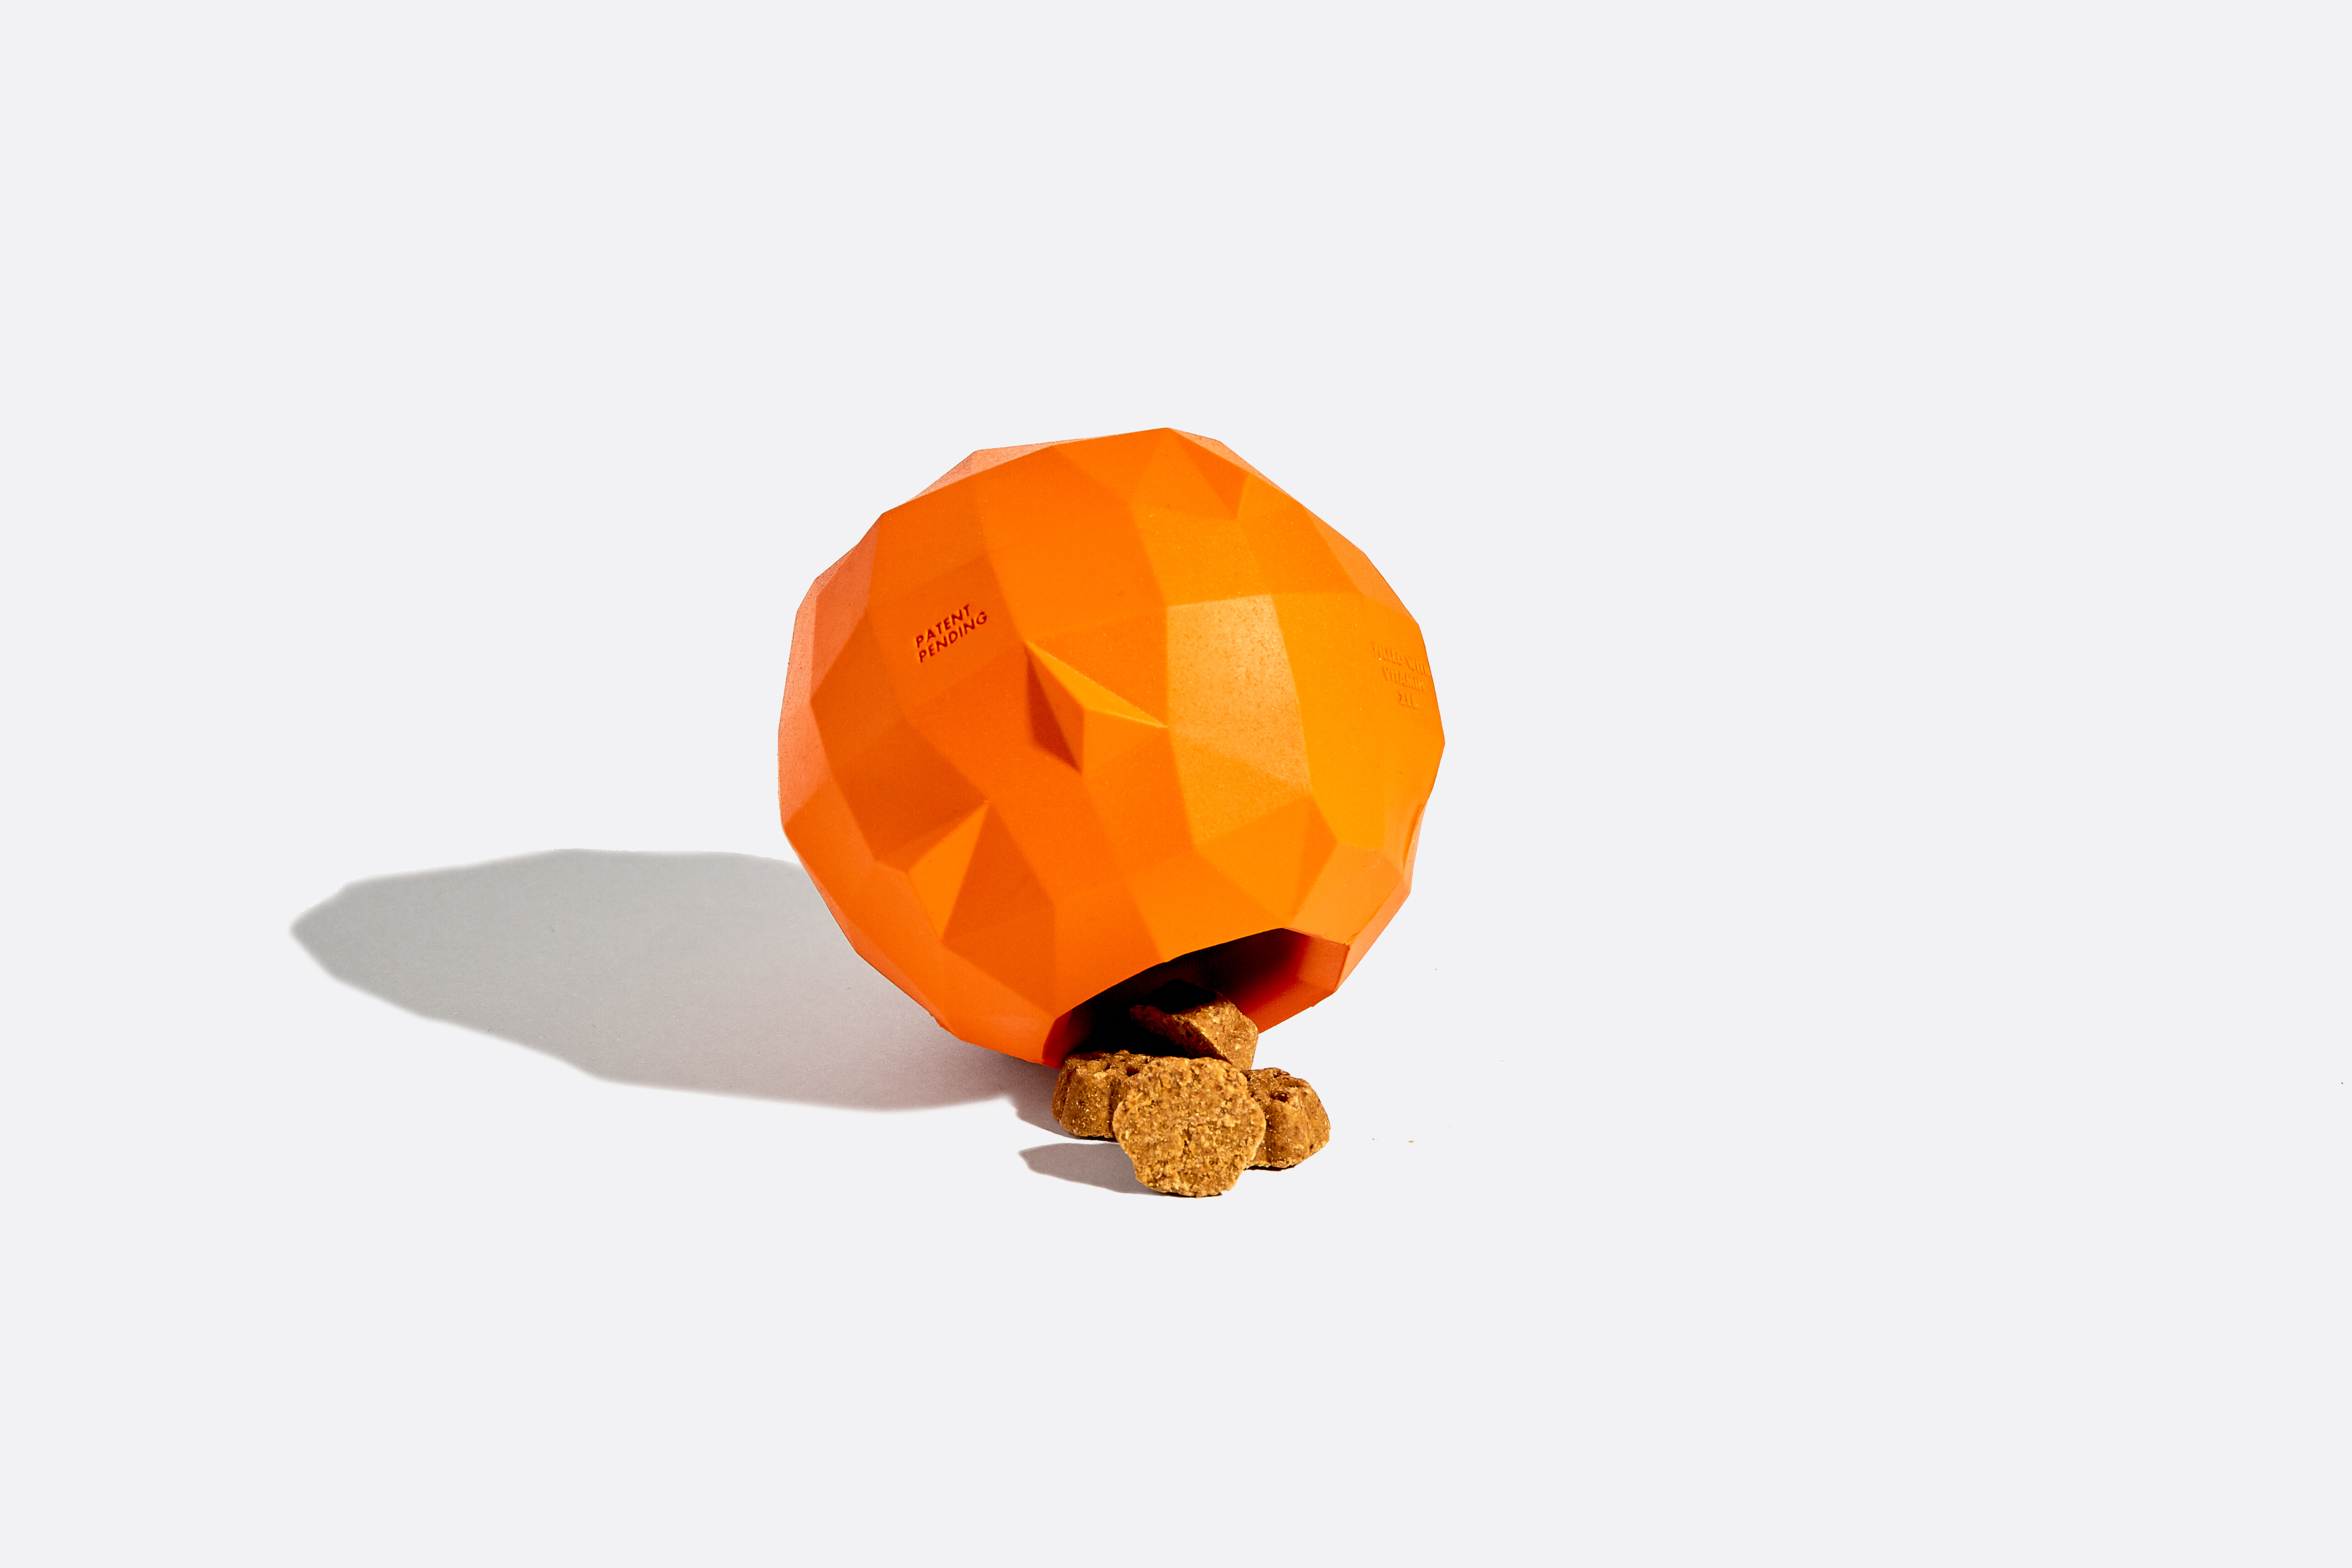 """Nossa laranja é daquelas que os cachorros aproveitam até o bagaço! Colhidas somente em noites de lua cheia de anos bissextos (e só se estiver chovendo), caso você se depare com uma, não perca a chance de tê-la! Um brinquedo interativo para cachorro cheinho de vitamina """"Zee""""."""